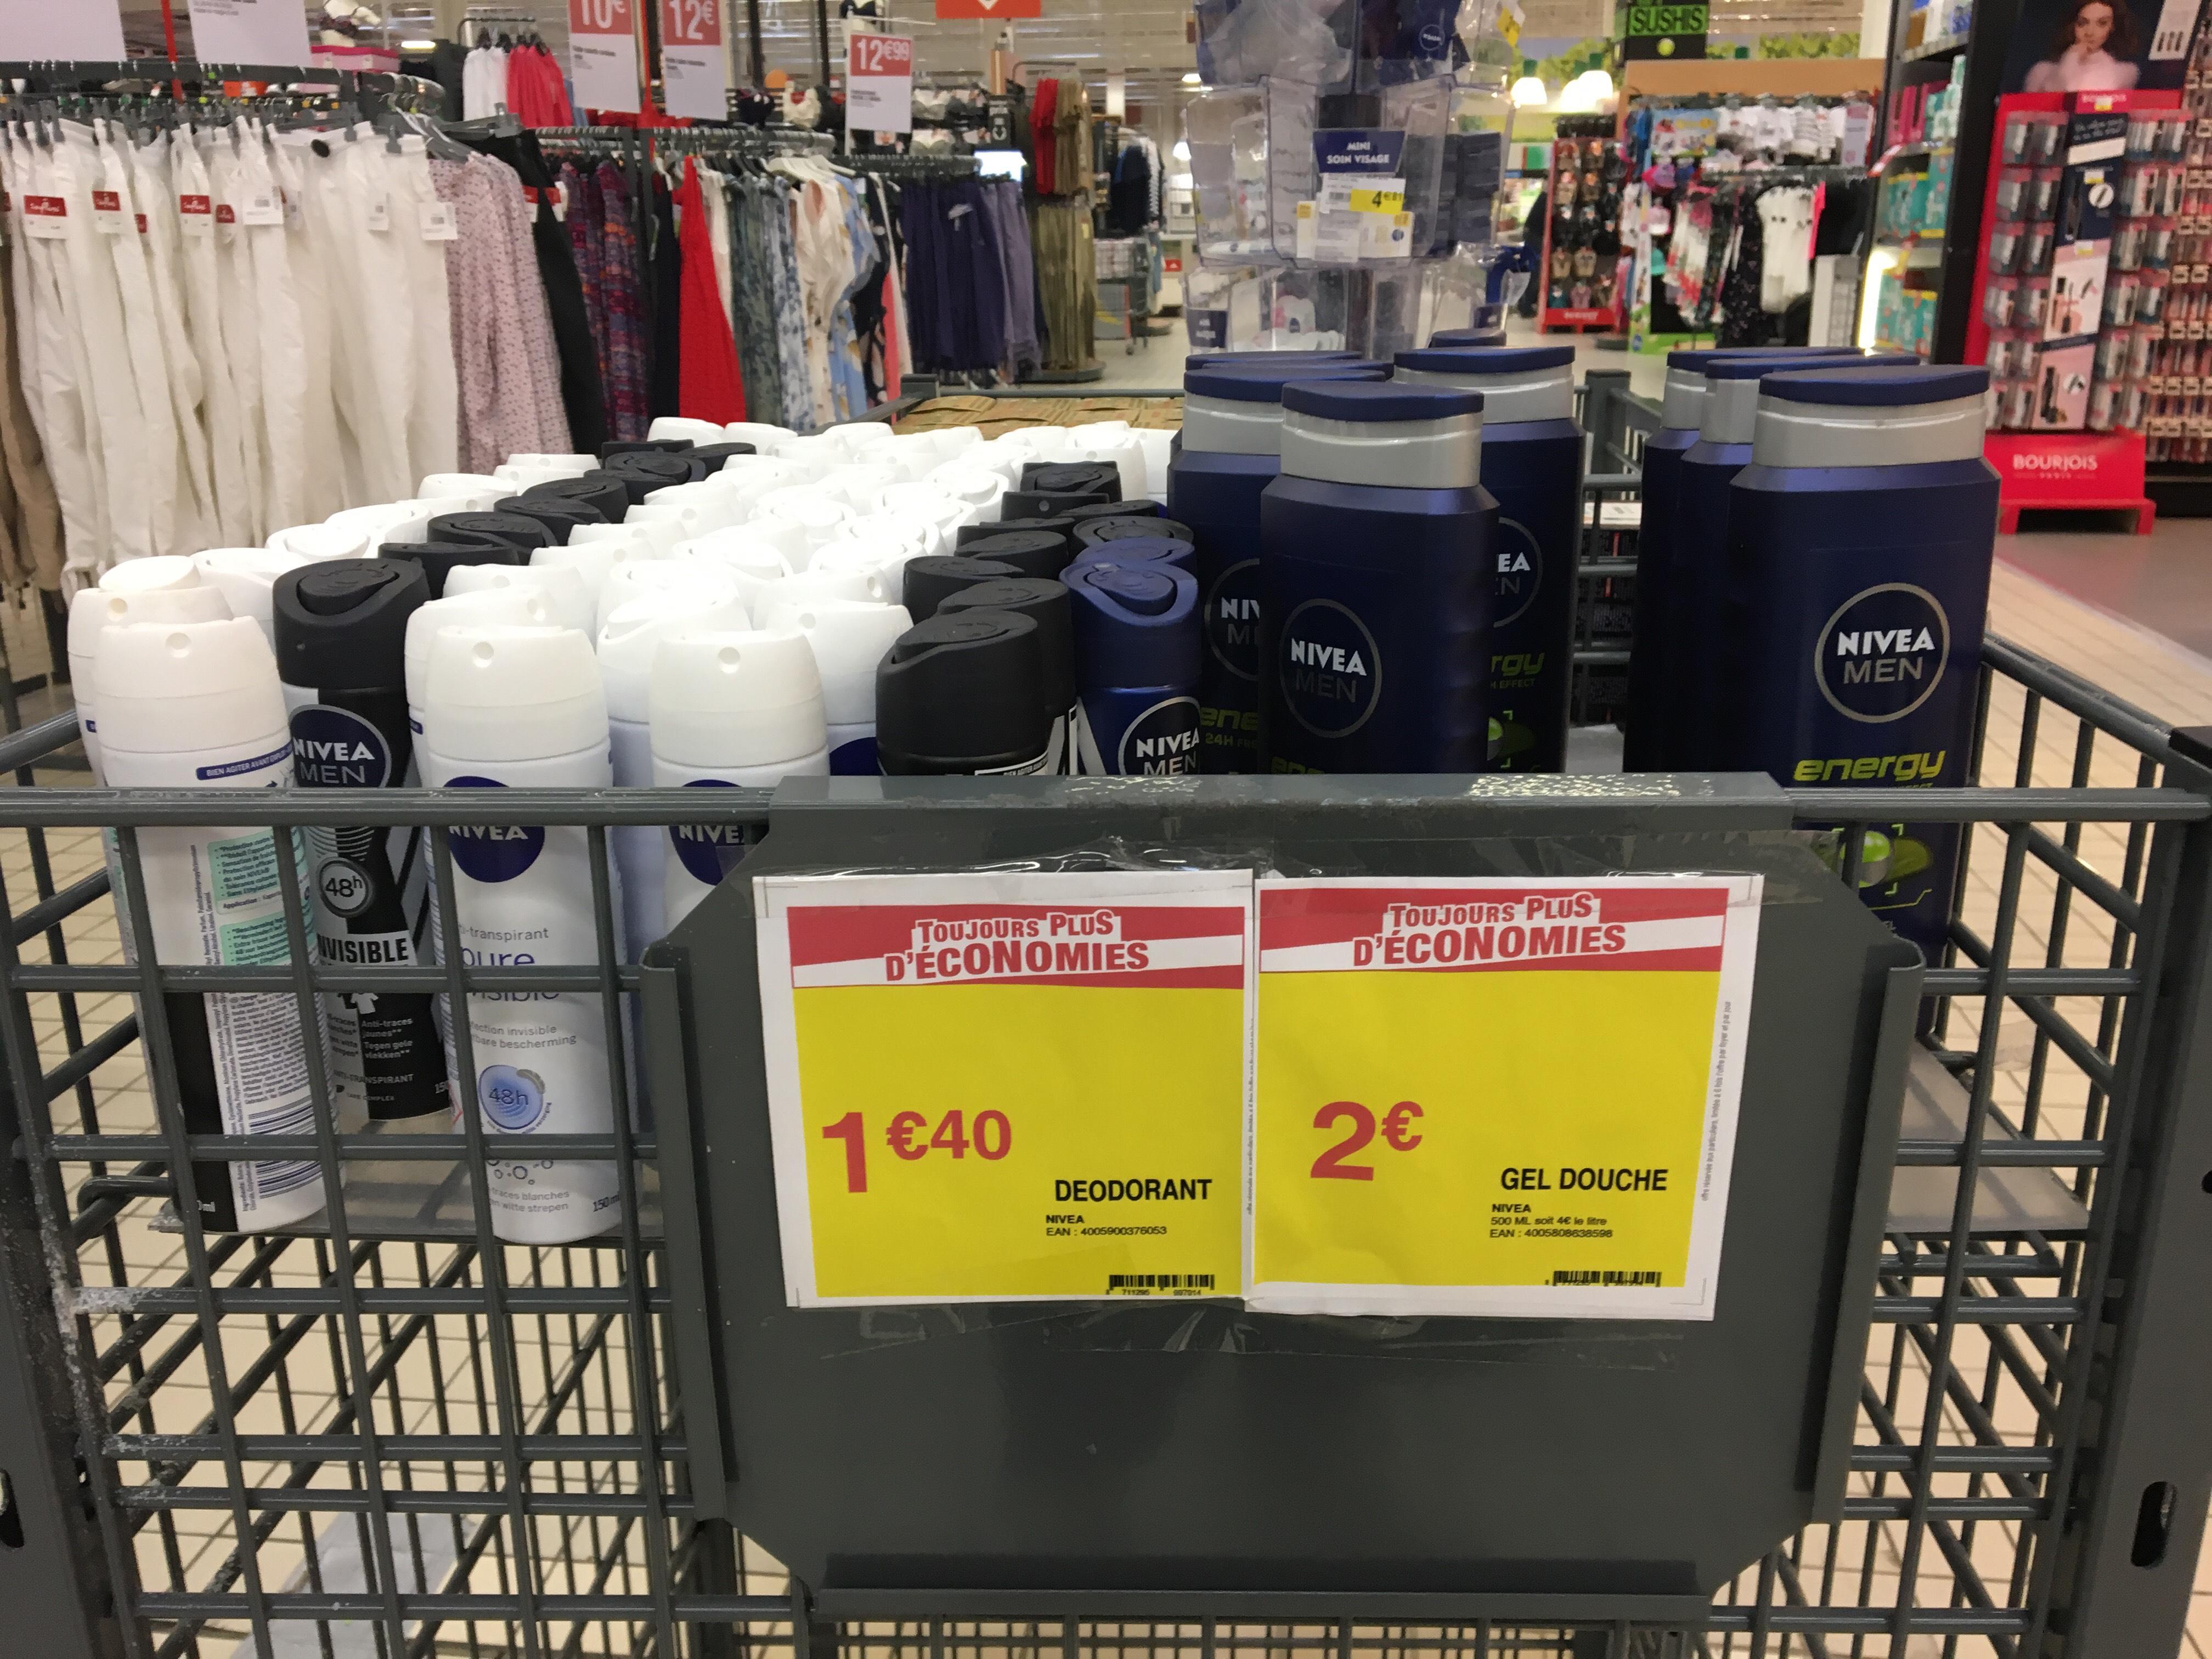 Sélection de gels douche (500ml) et déodorants (150ml) Nivea Men à partir de 1.40€ - Montbéliard (25)